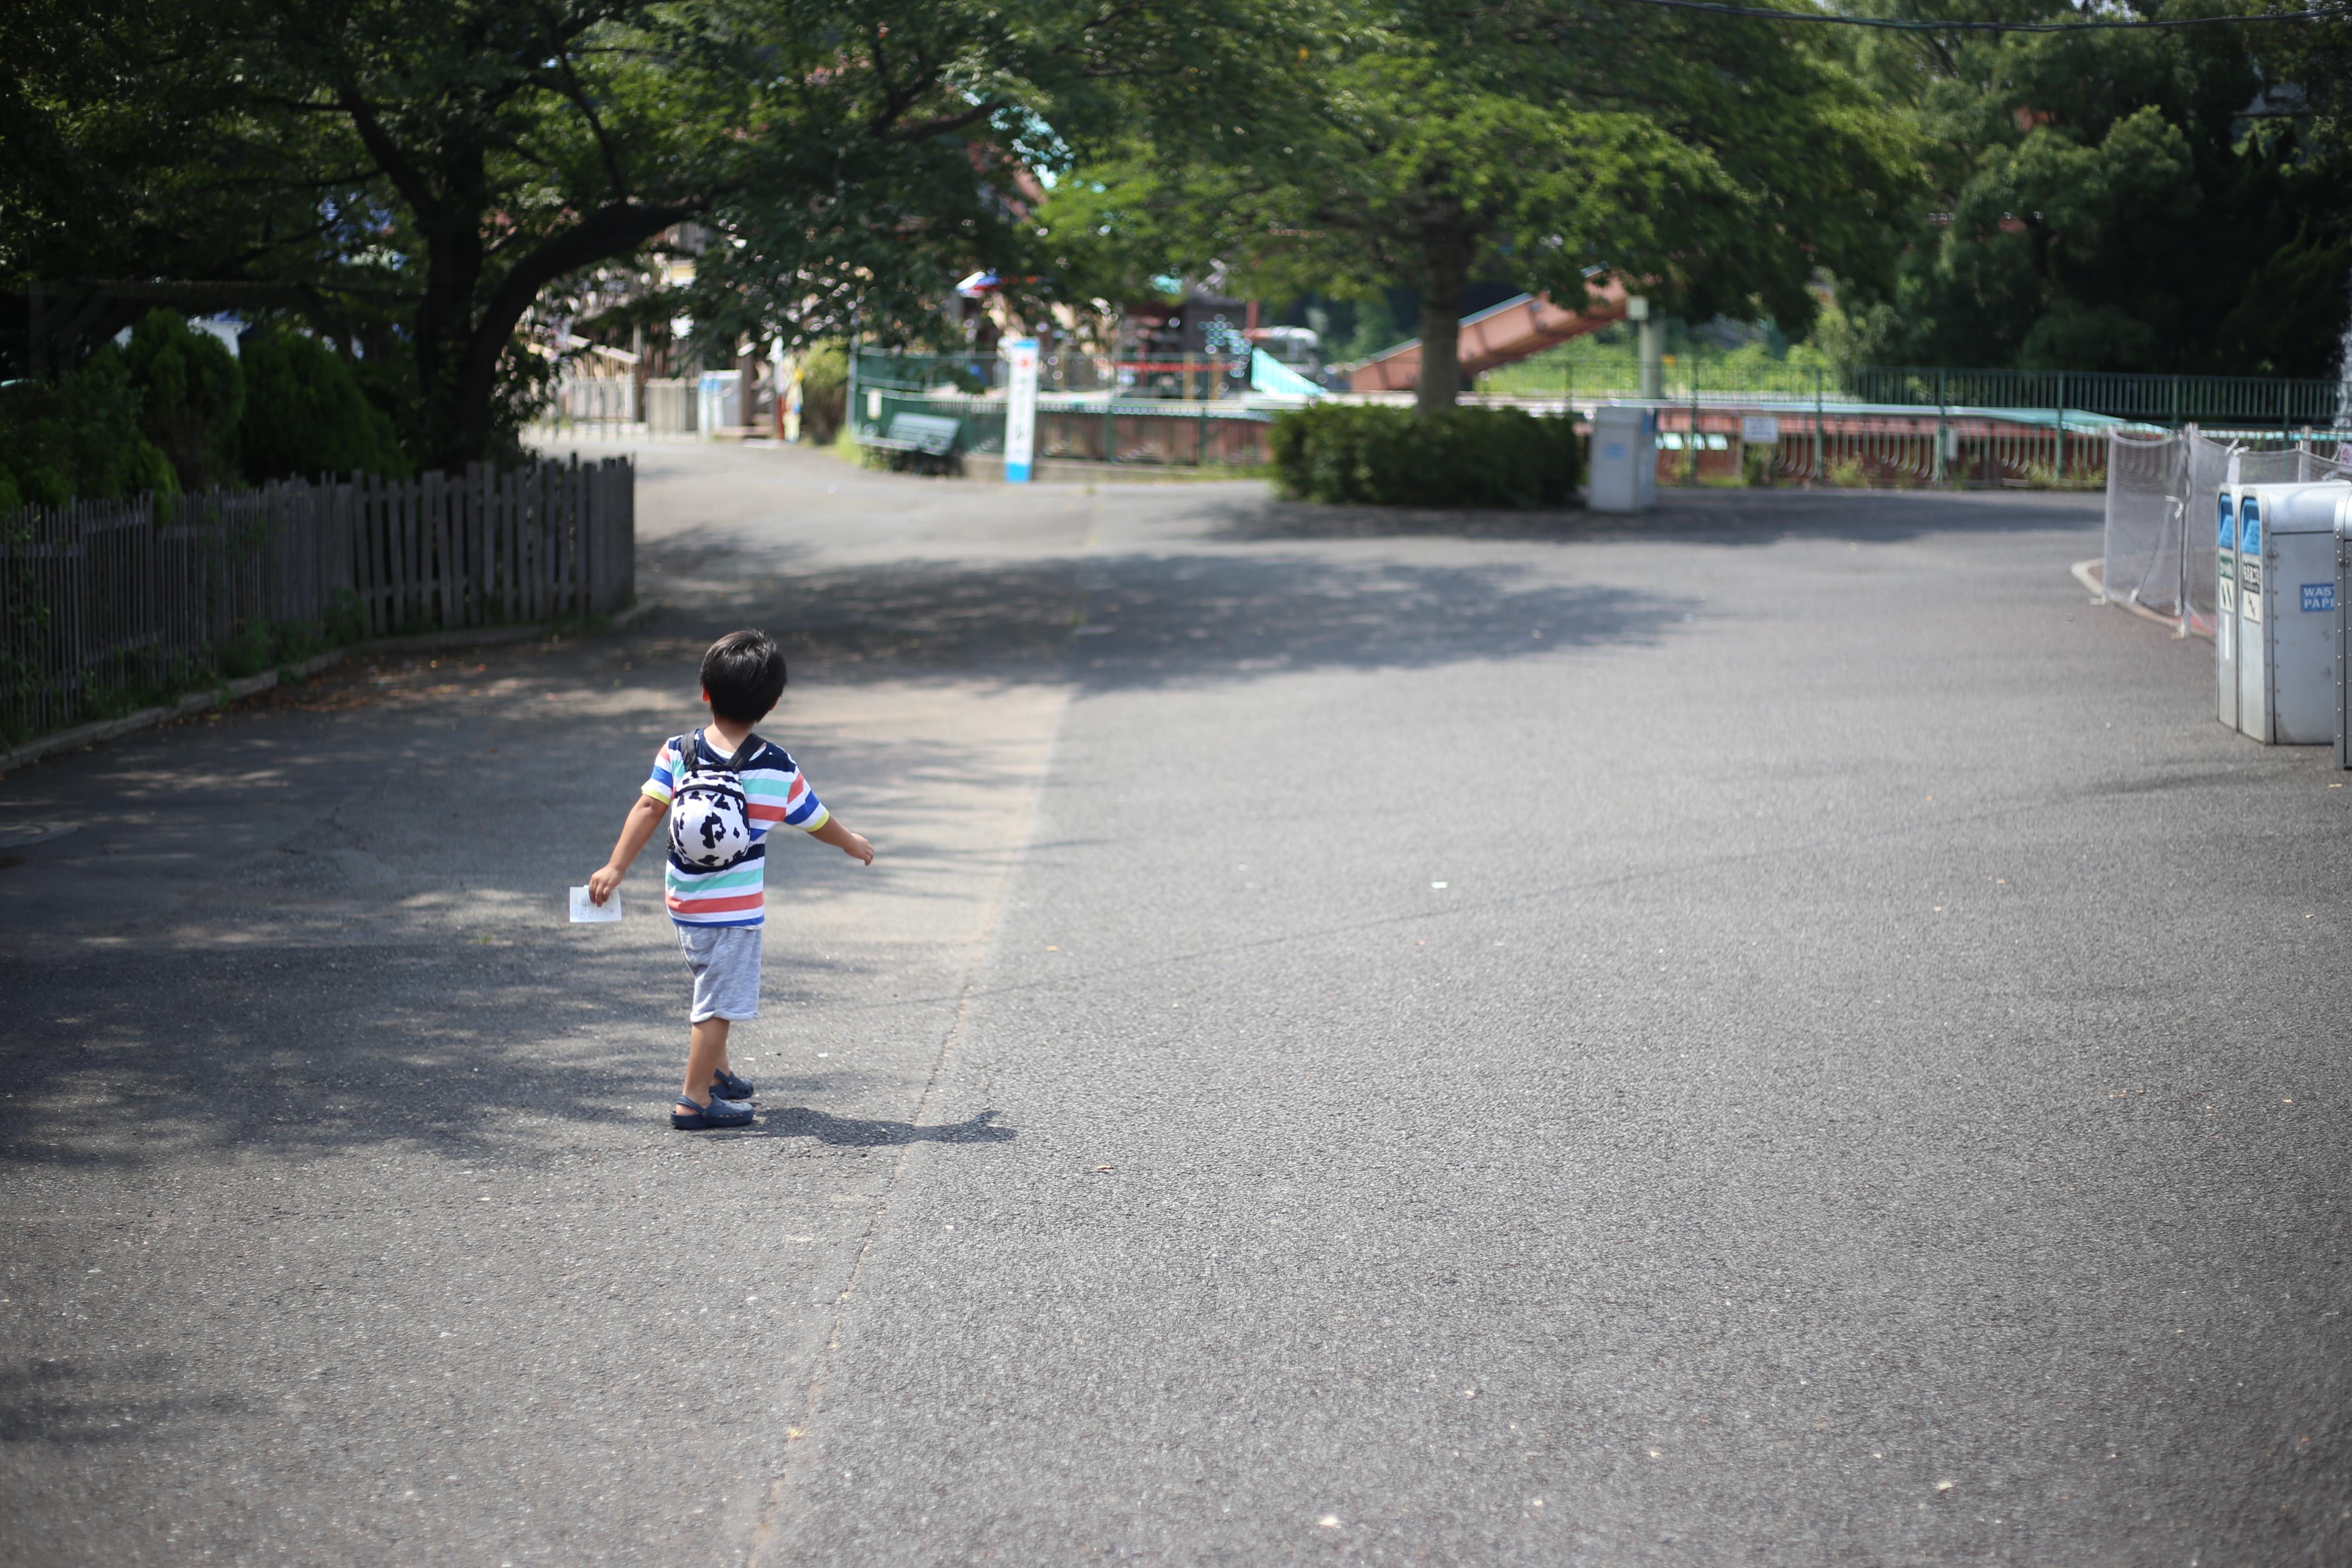 ワーキングマザー的 ふるさと納税のすすめ 無洗米&ぶどう&いちご編!